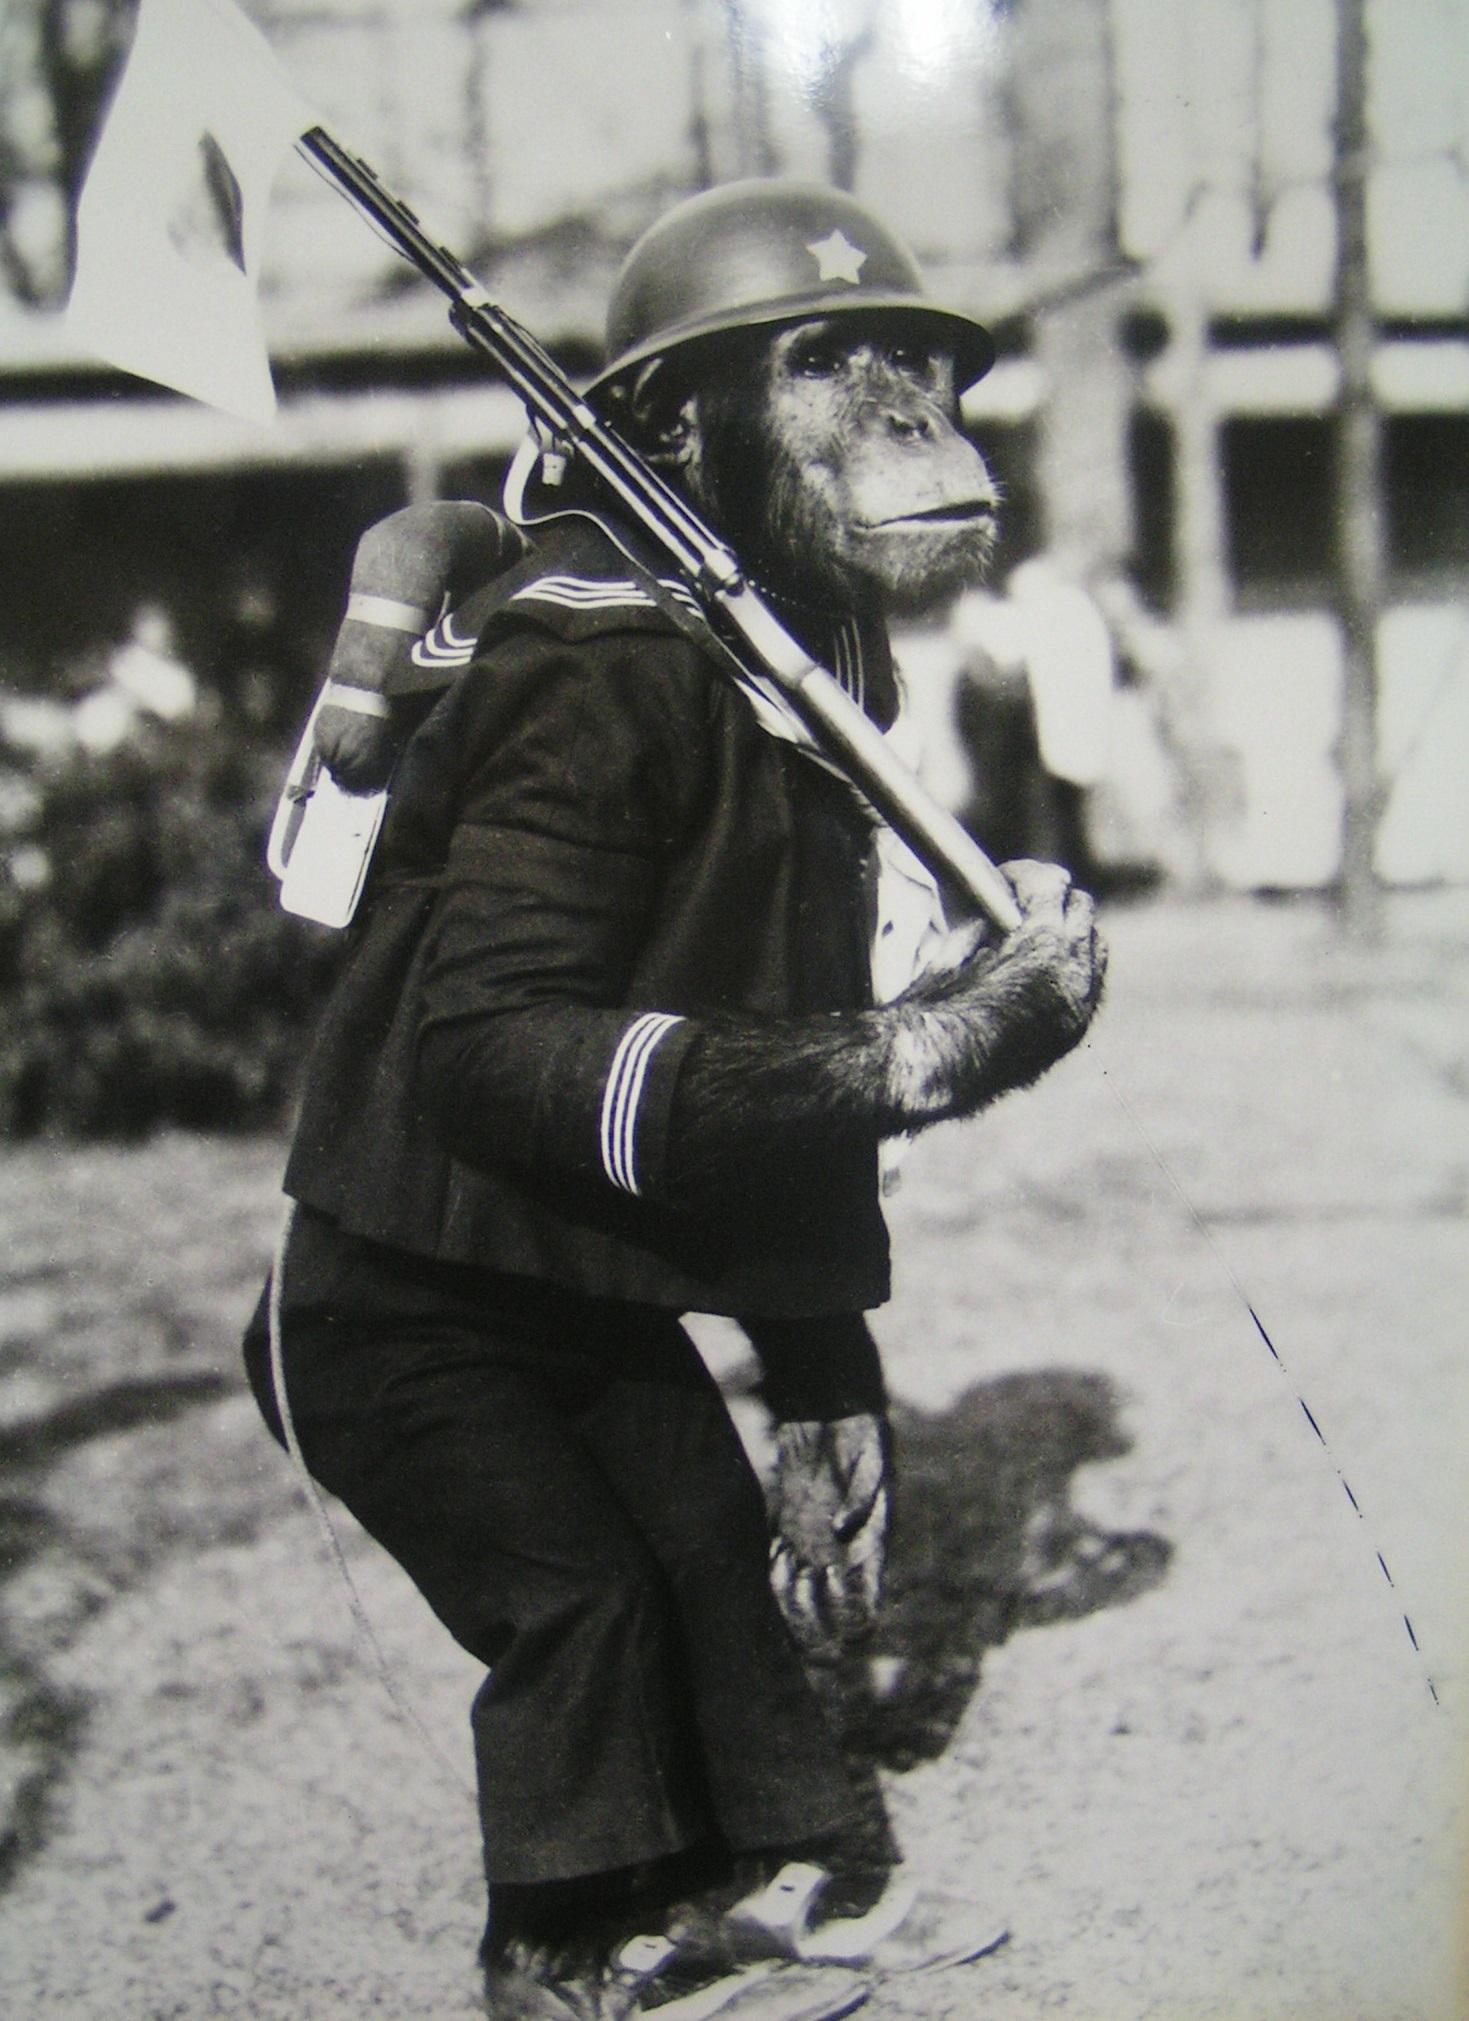 戦意高揚のための宣伝に利用されたチンパンジーの「リタ」